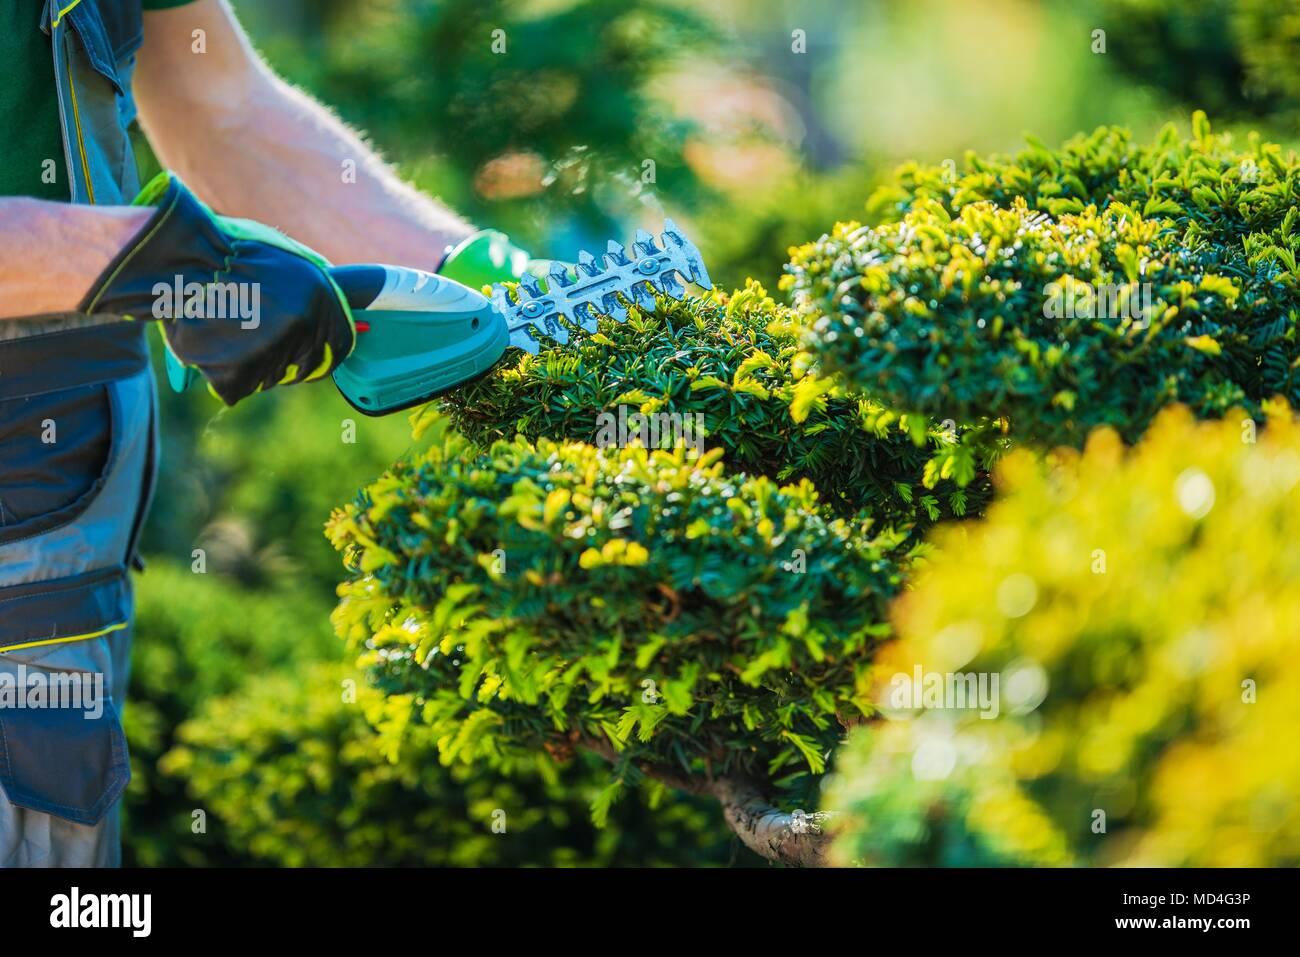 Topiaire plantes par fraisage débroussailleuse sans fil. Photo gros plan. Thème Jardinage professionnel. Photo Stock